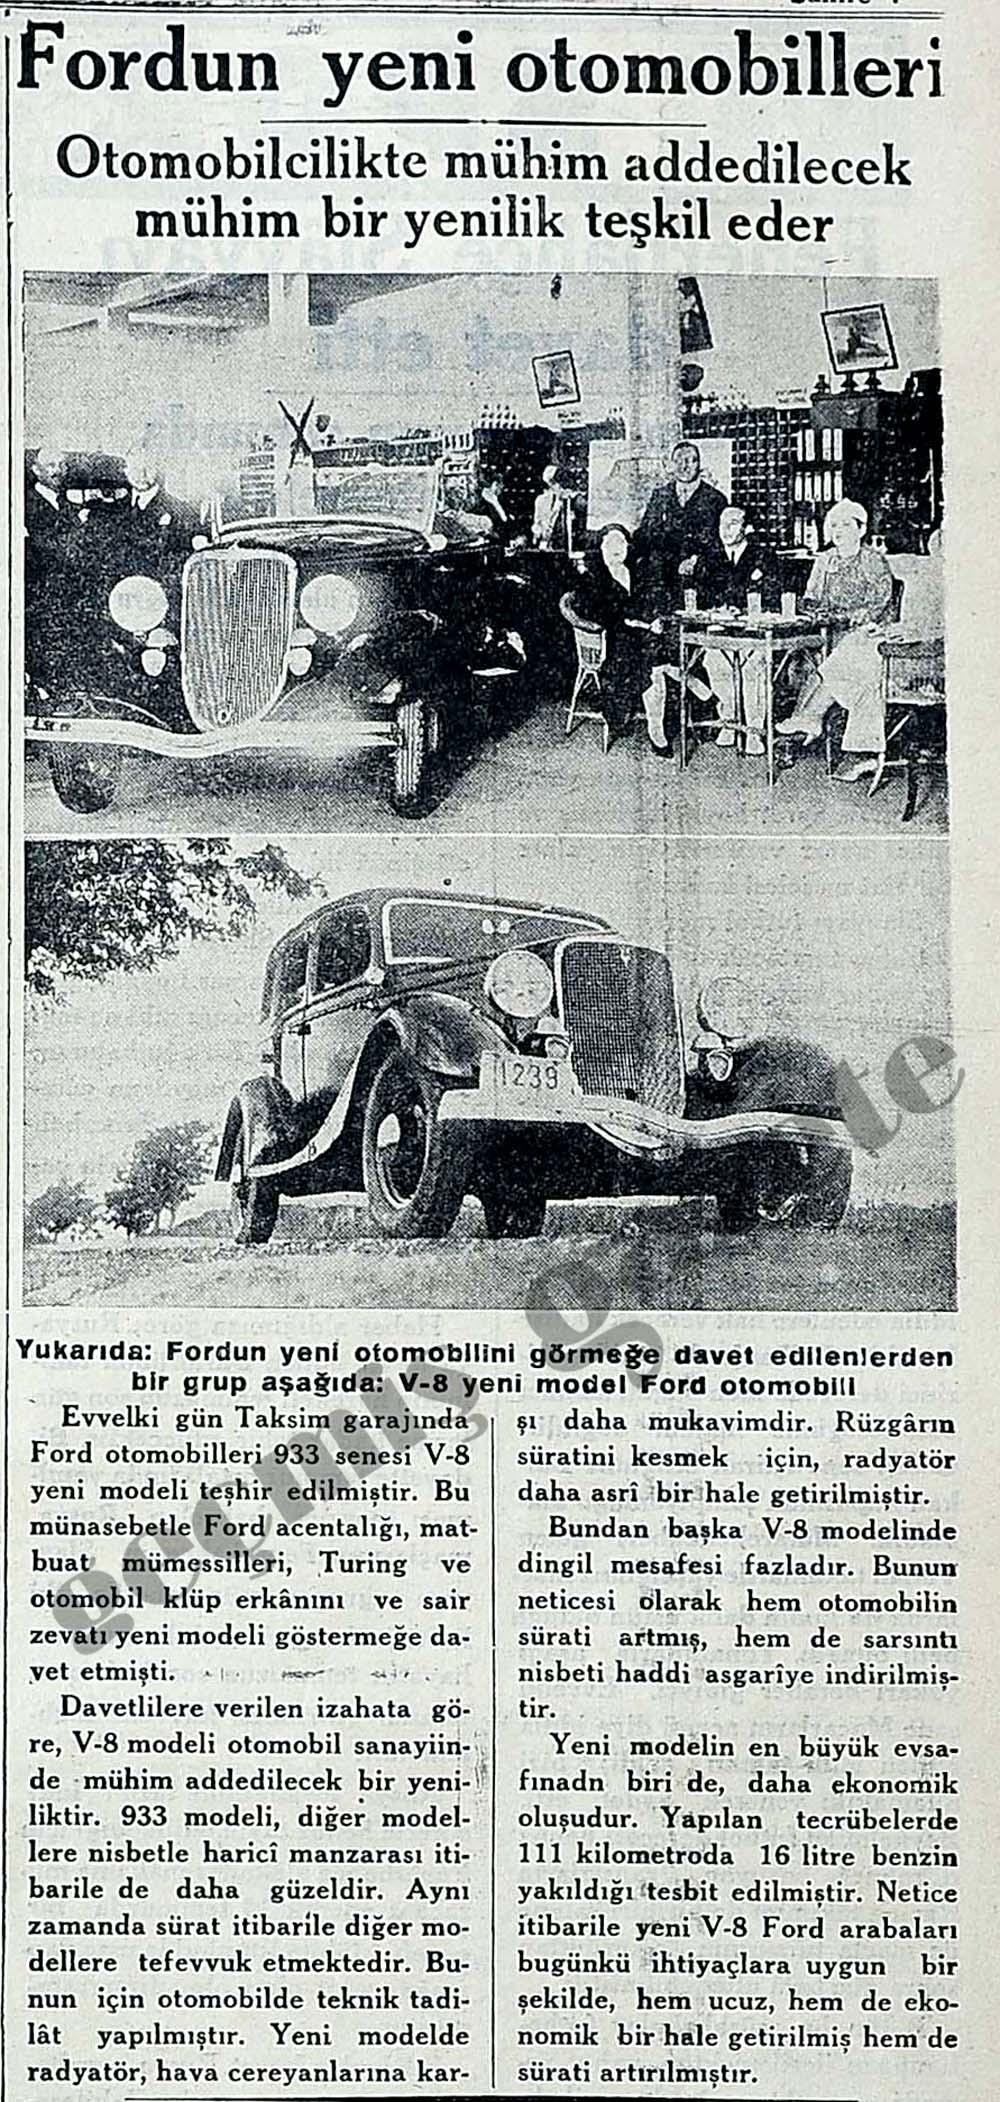 Fordun yeni otomobilleri